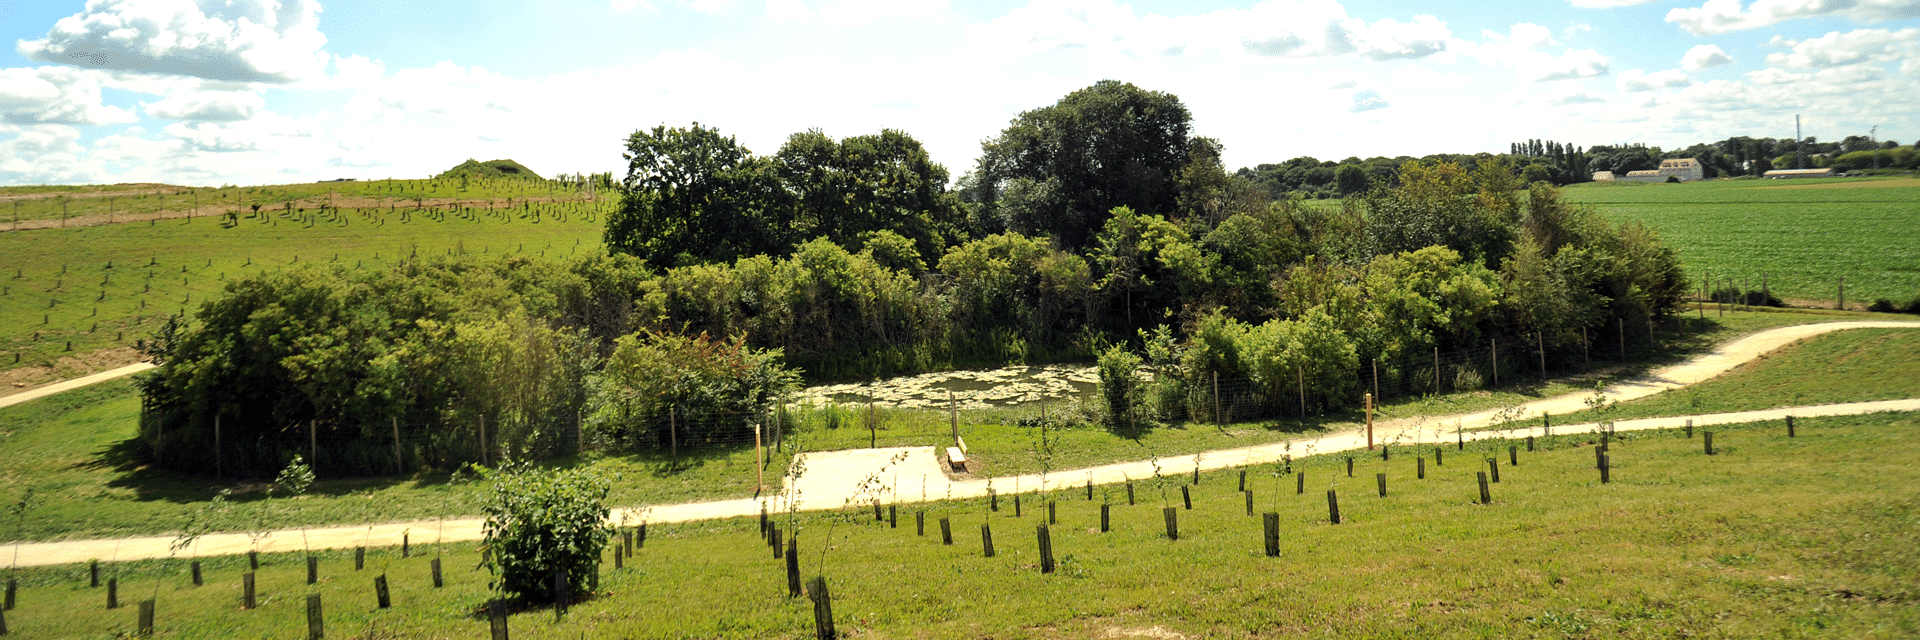 Tournage vidéo ECT par l'agence Siouxe au Parc de l'arboretum à Moissy-Cramayel